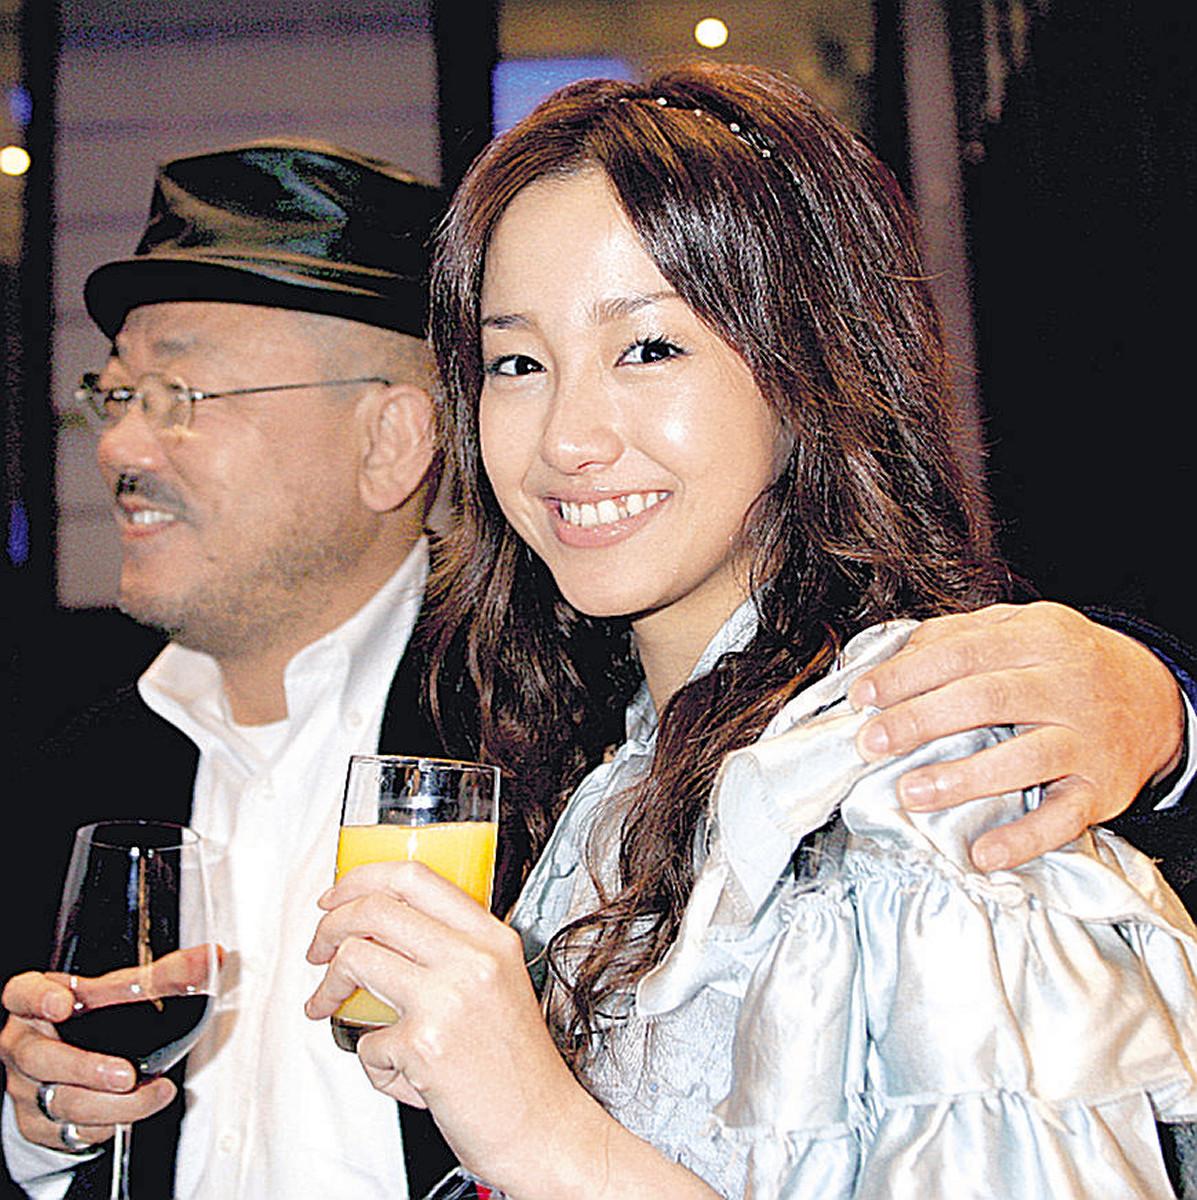 2005年の報知映画賞授賞式で沢尻エリカ容疑者と受賞を喜び合った井筒和幸監督